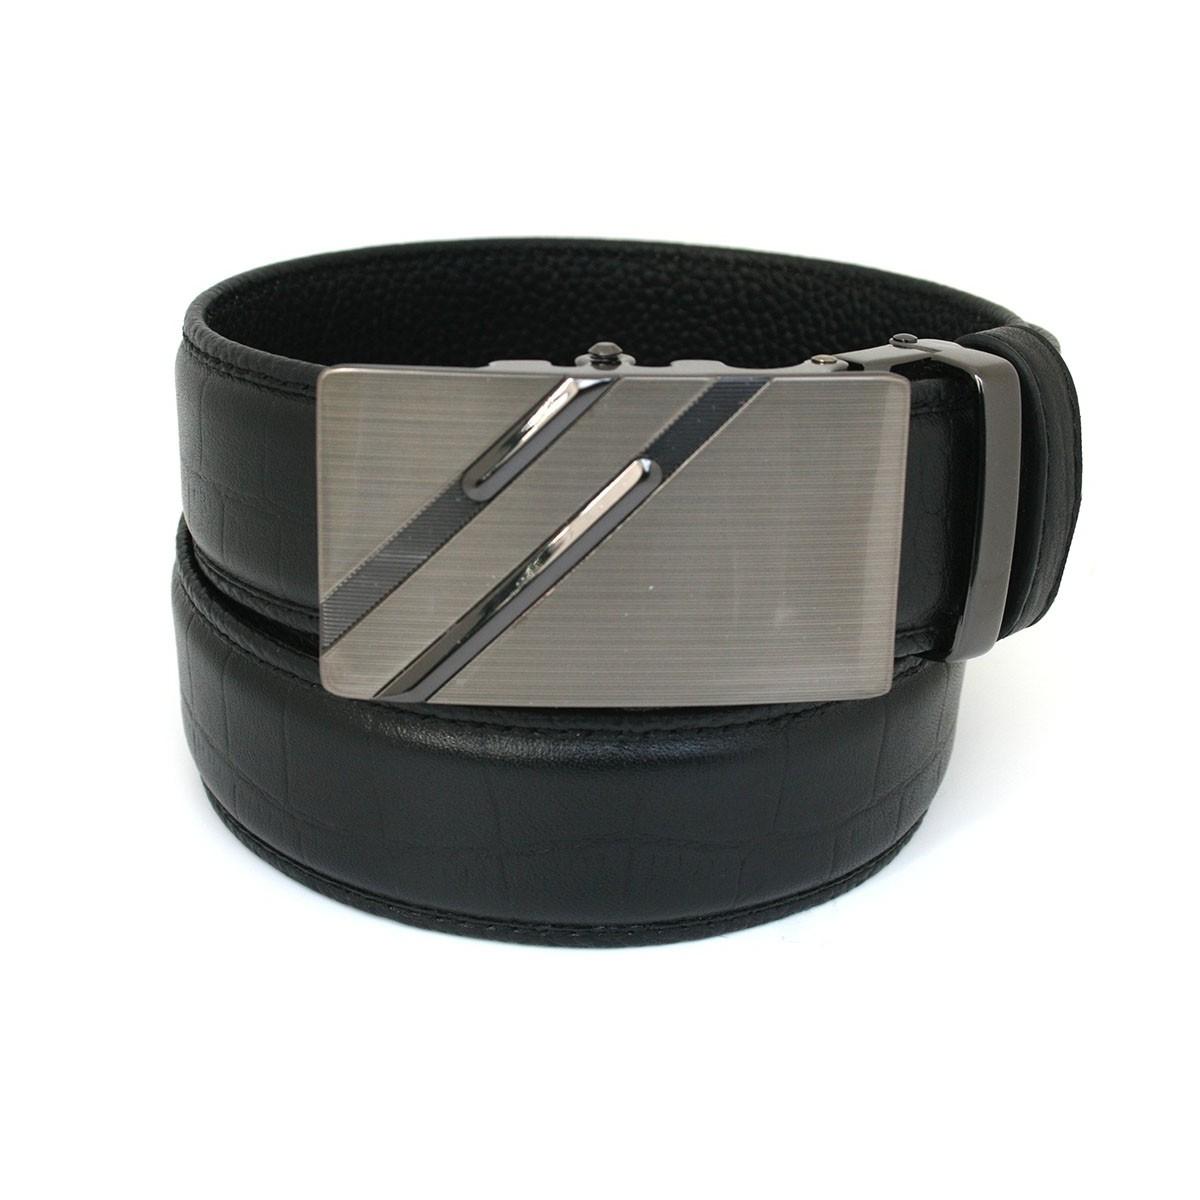 Ceinture automatique en cuir homme lanière prestige b6 Croco noir et boucle 503